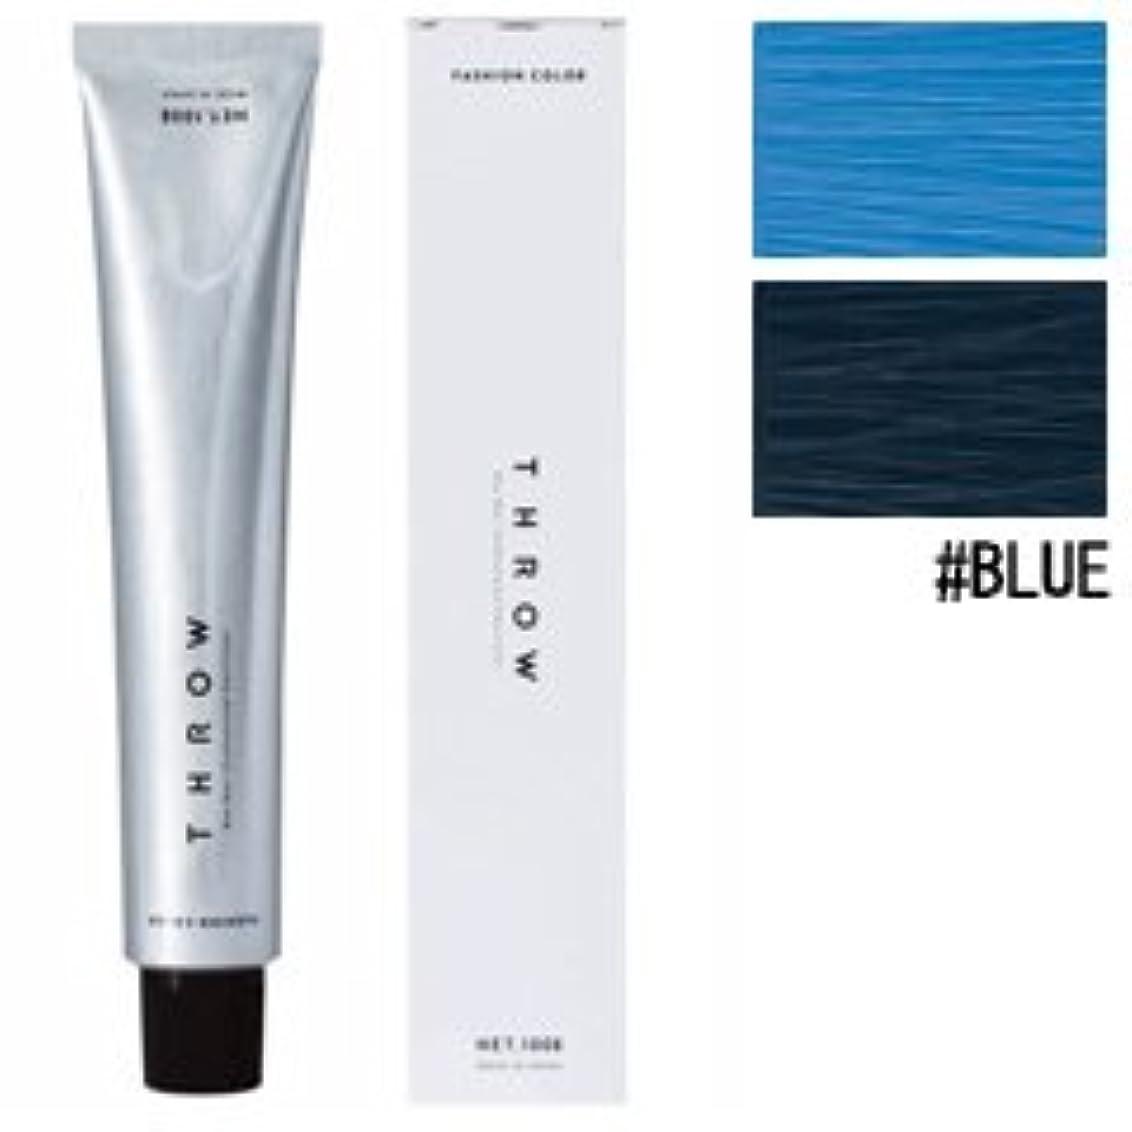 グローブコンテンツバースト【モルトベーネ】スロウ ファッションカラー #BLUE 100g